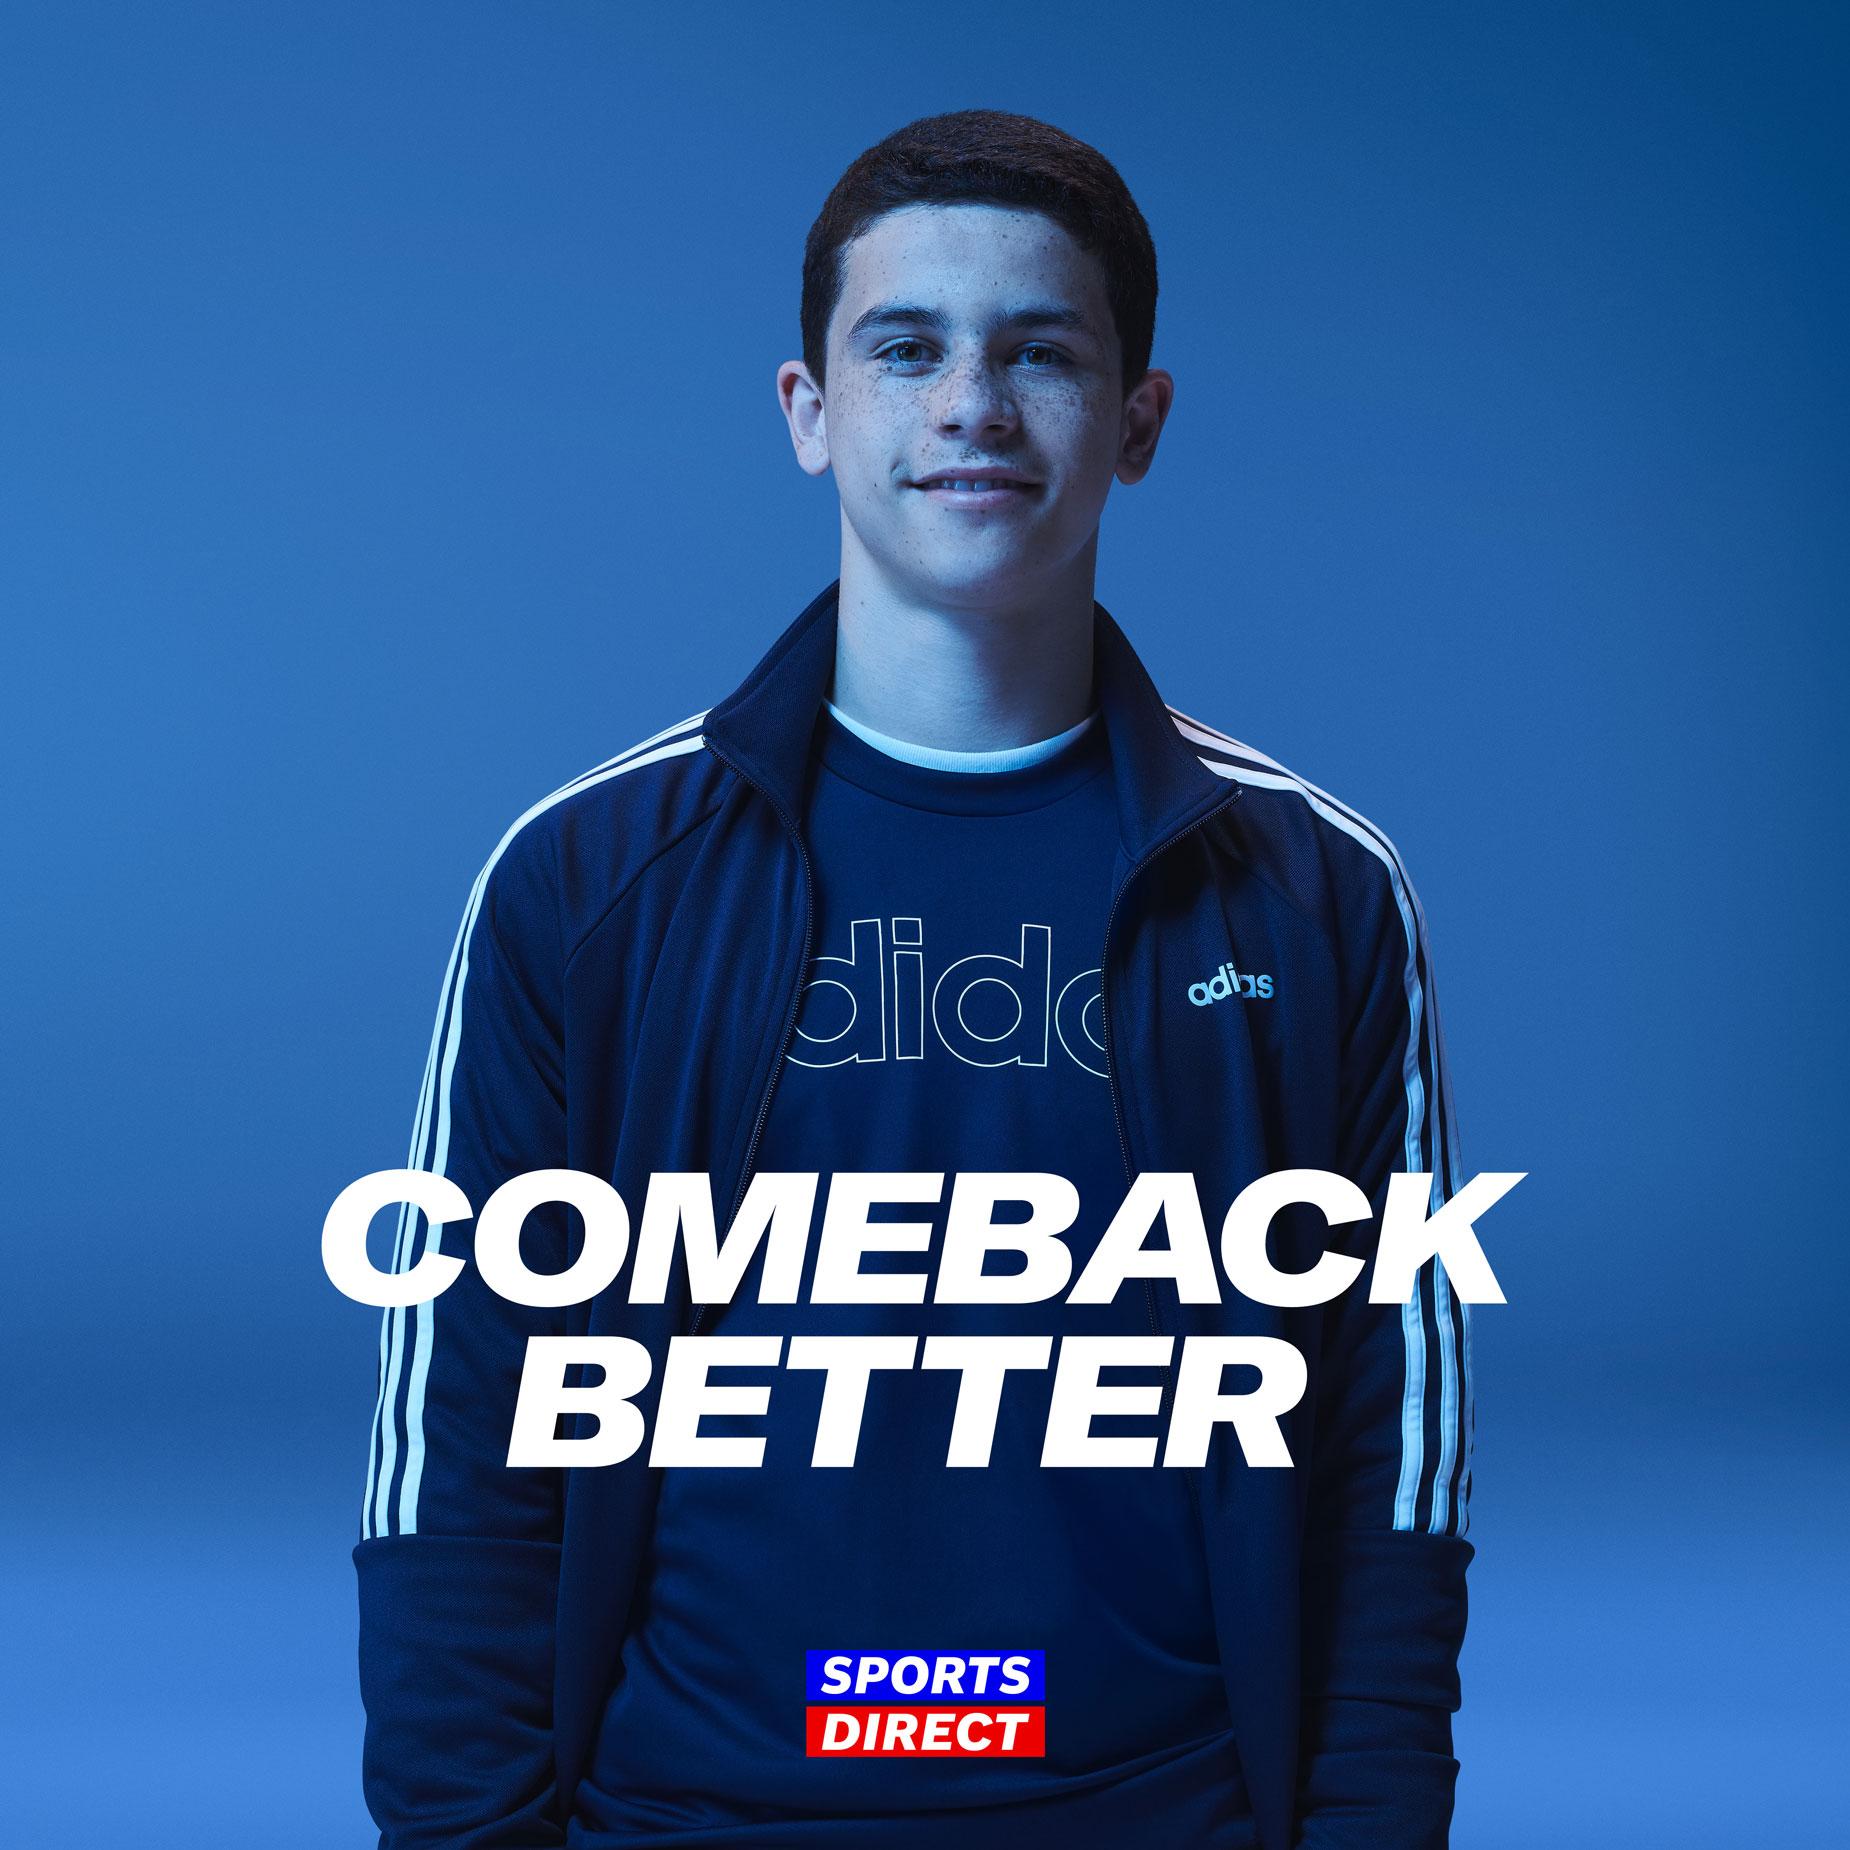 SD-Comeback-Better—Social-Square25